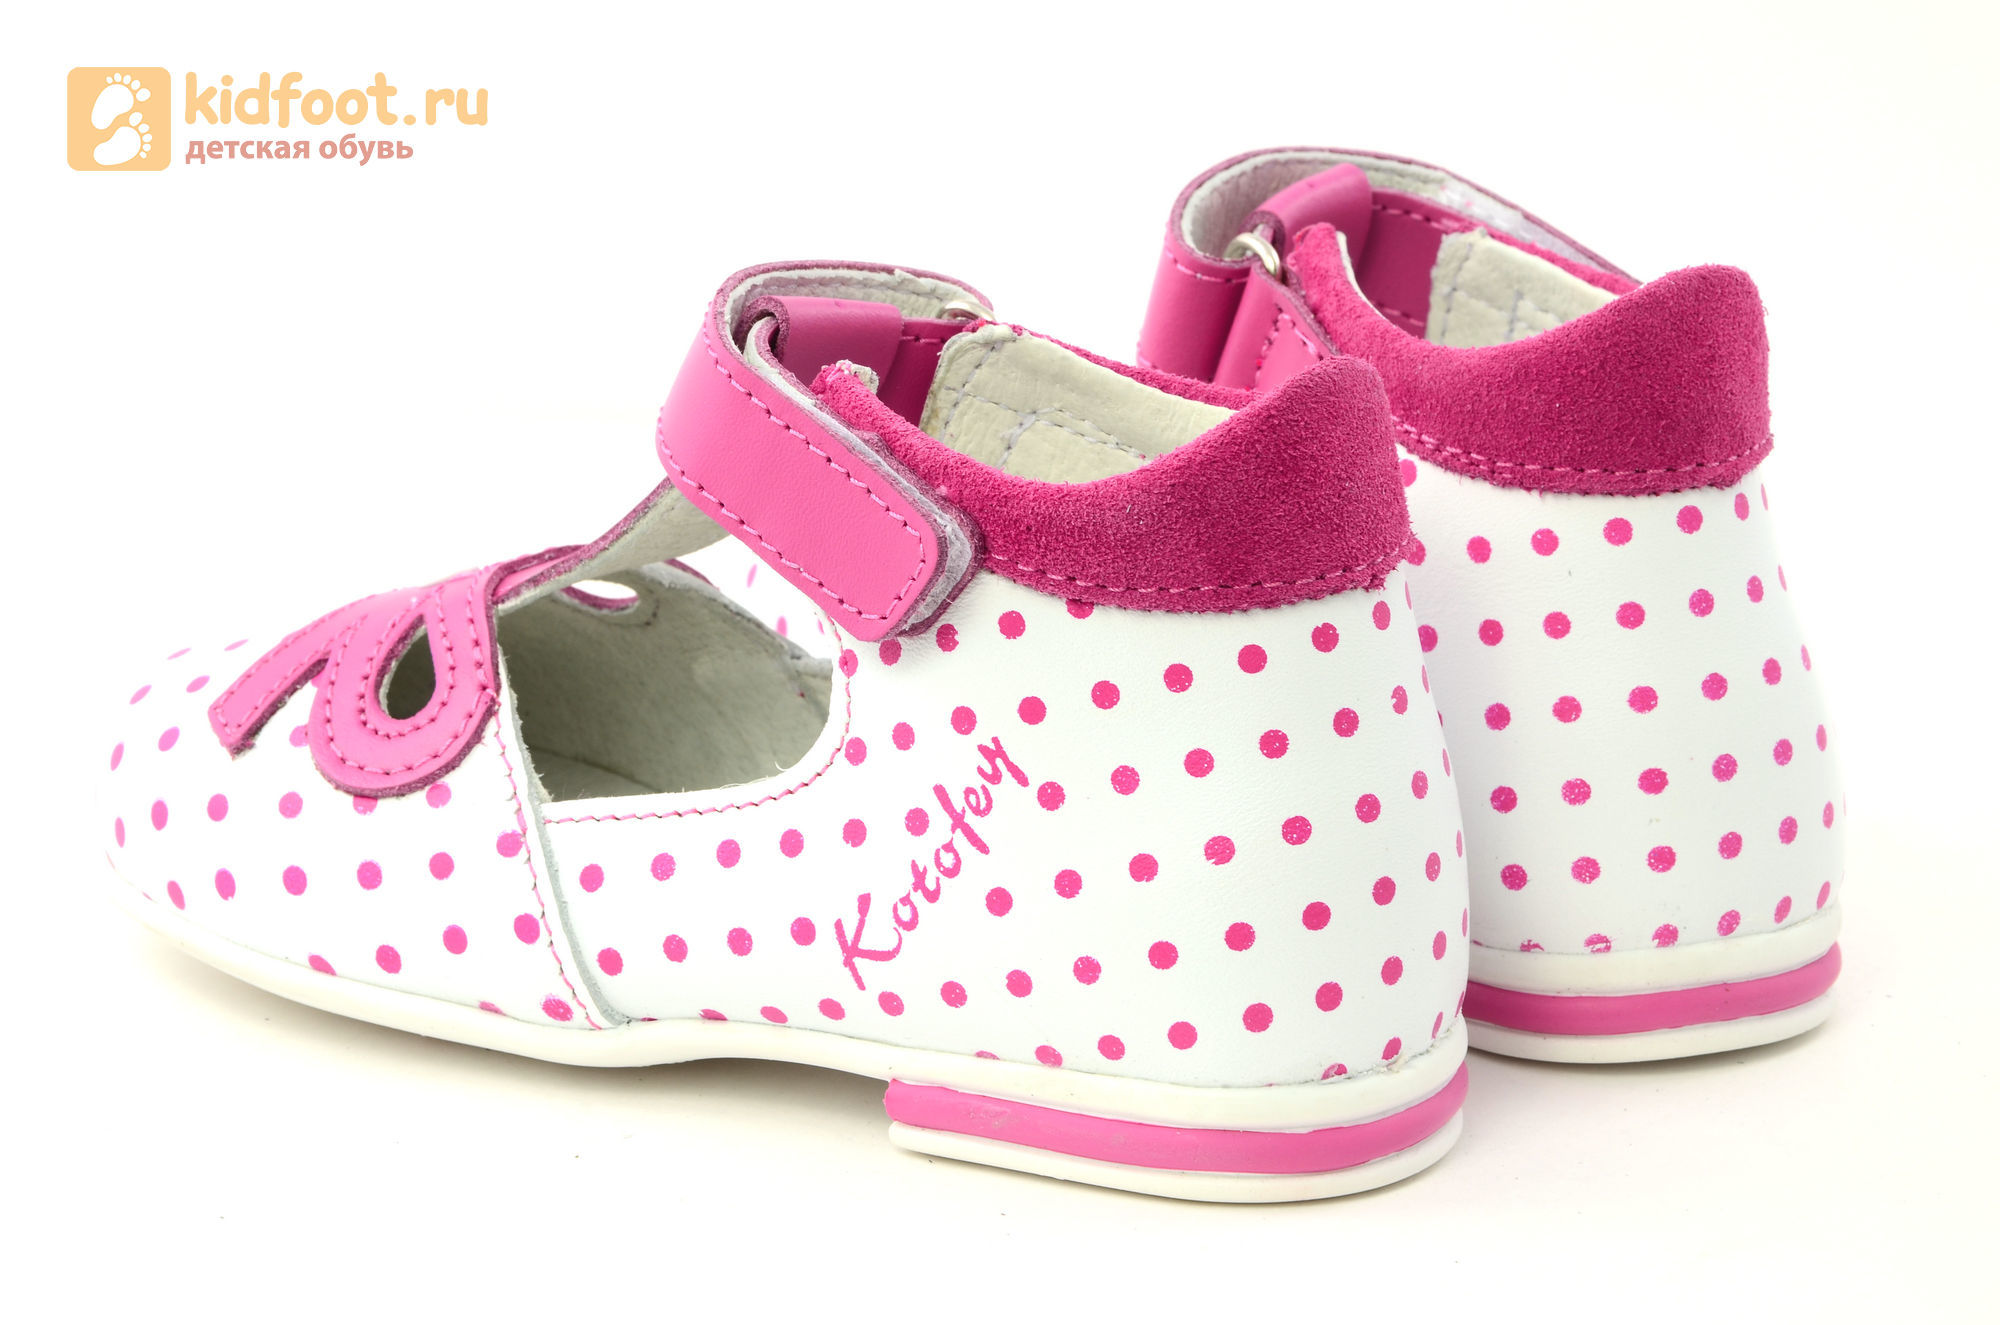 Детские туфли Котофей 232059-22 из натуральной кожи, для девочки, бело-розовые